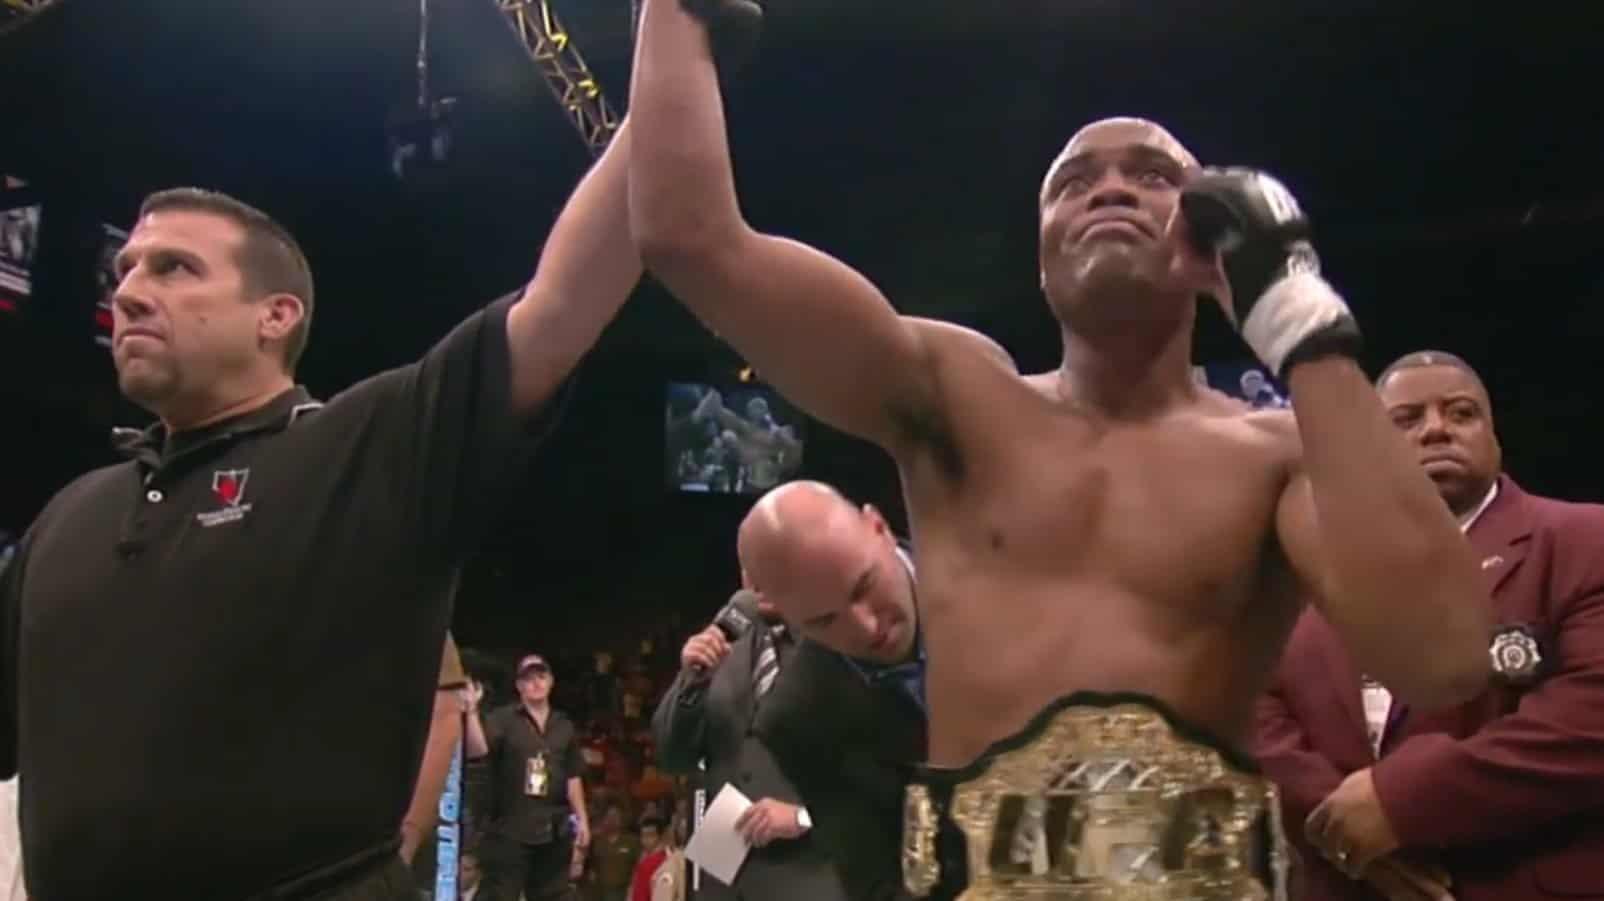 Longest Winning Streak in the UFC